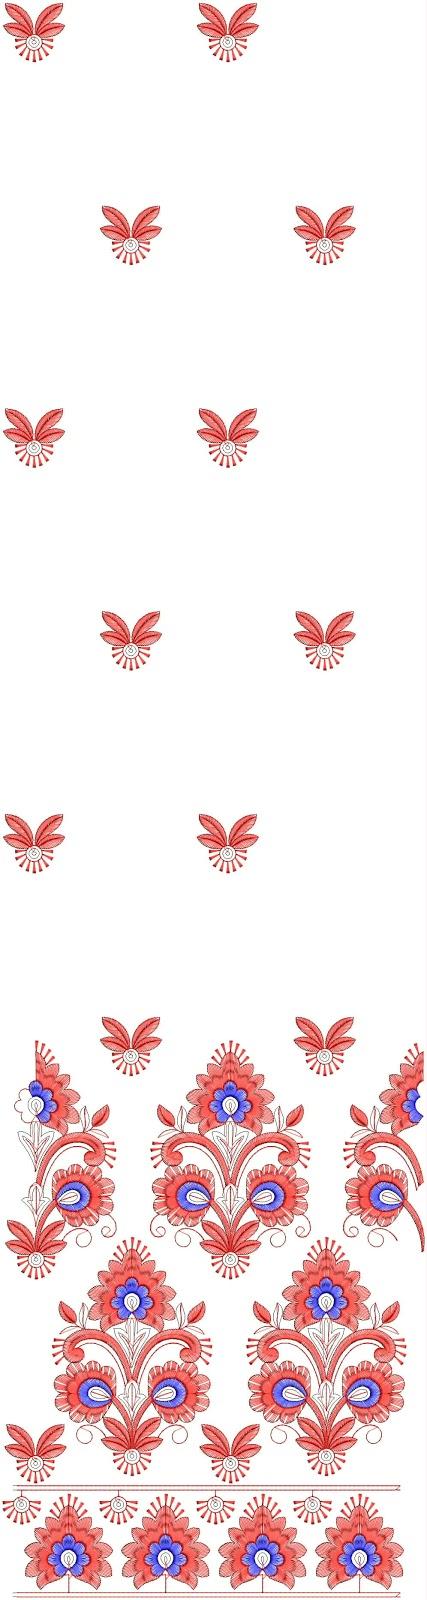 Embdesigntube pakija test ladies dress embroidery designs